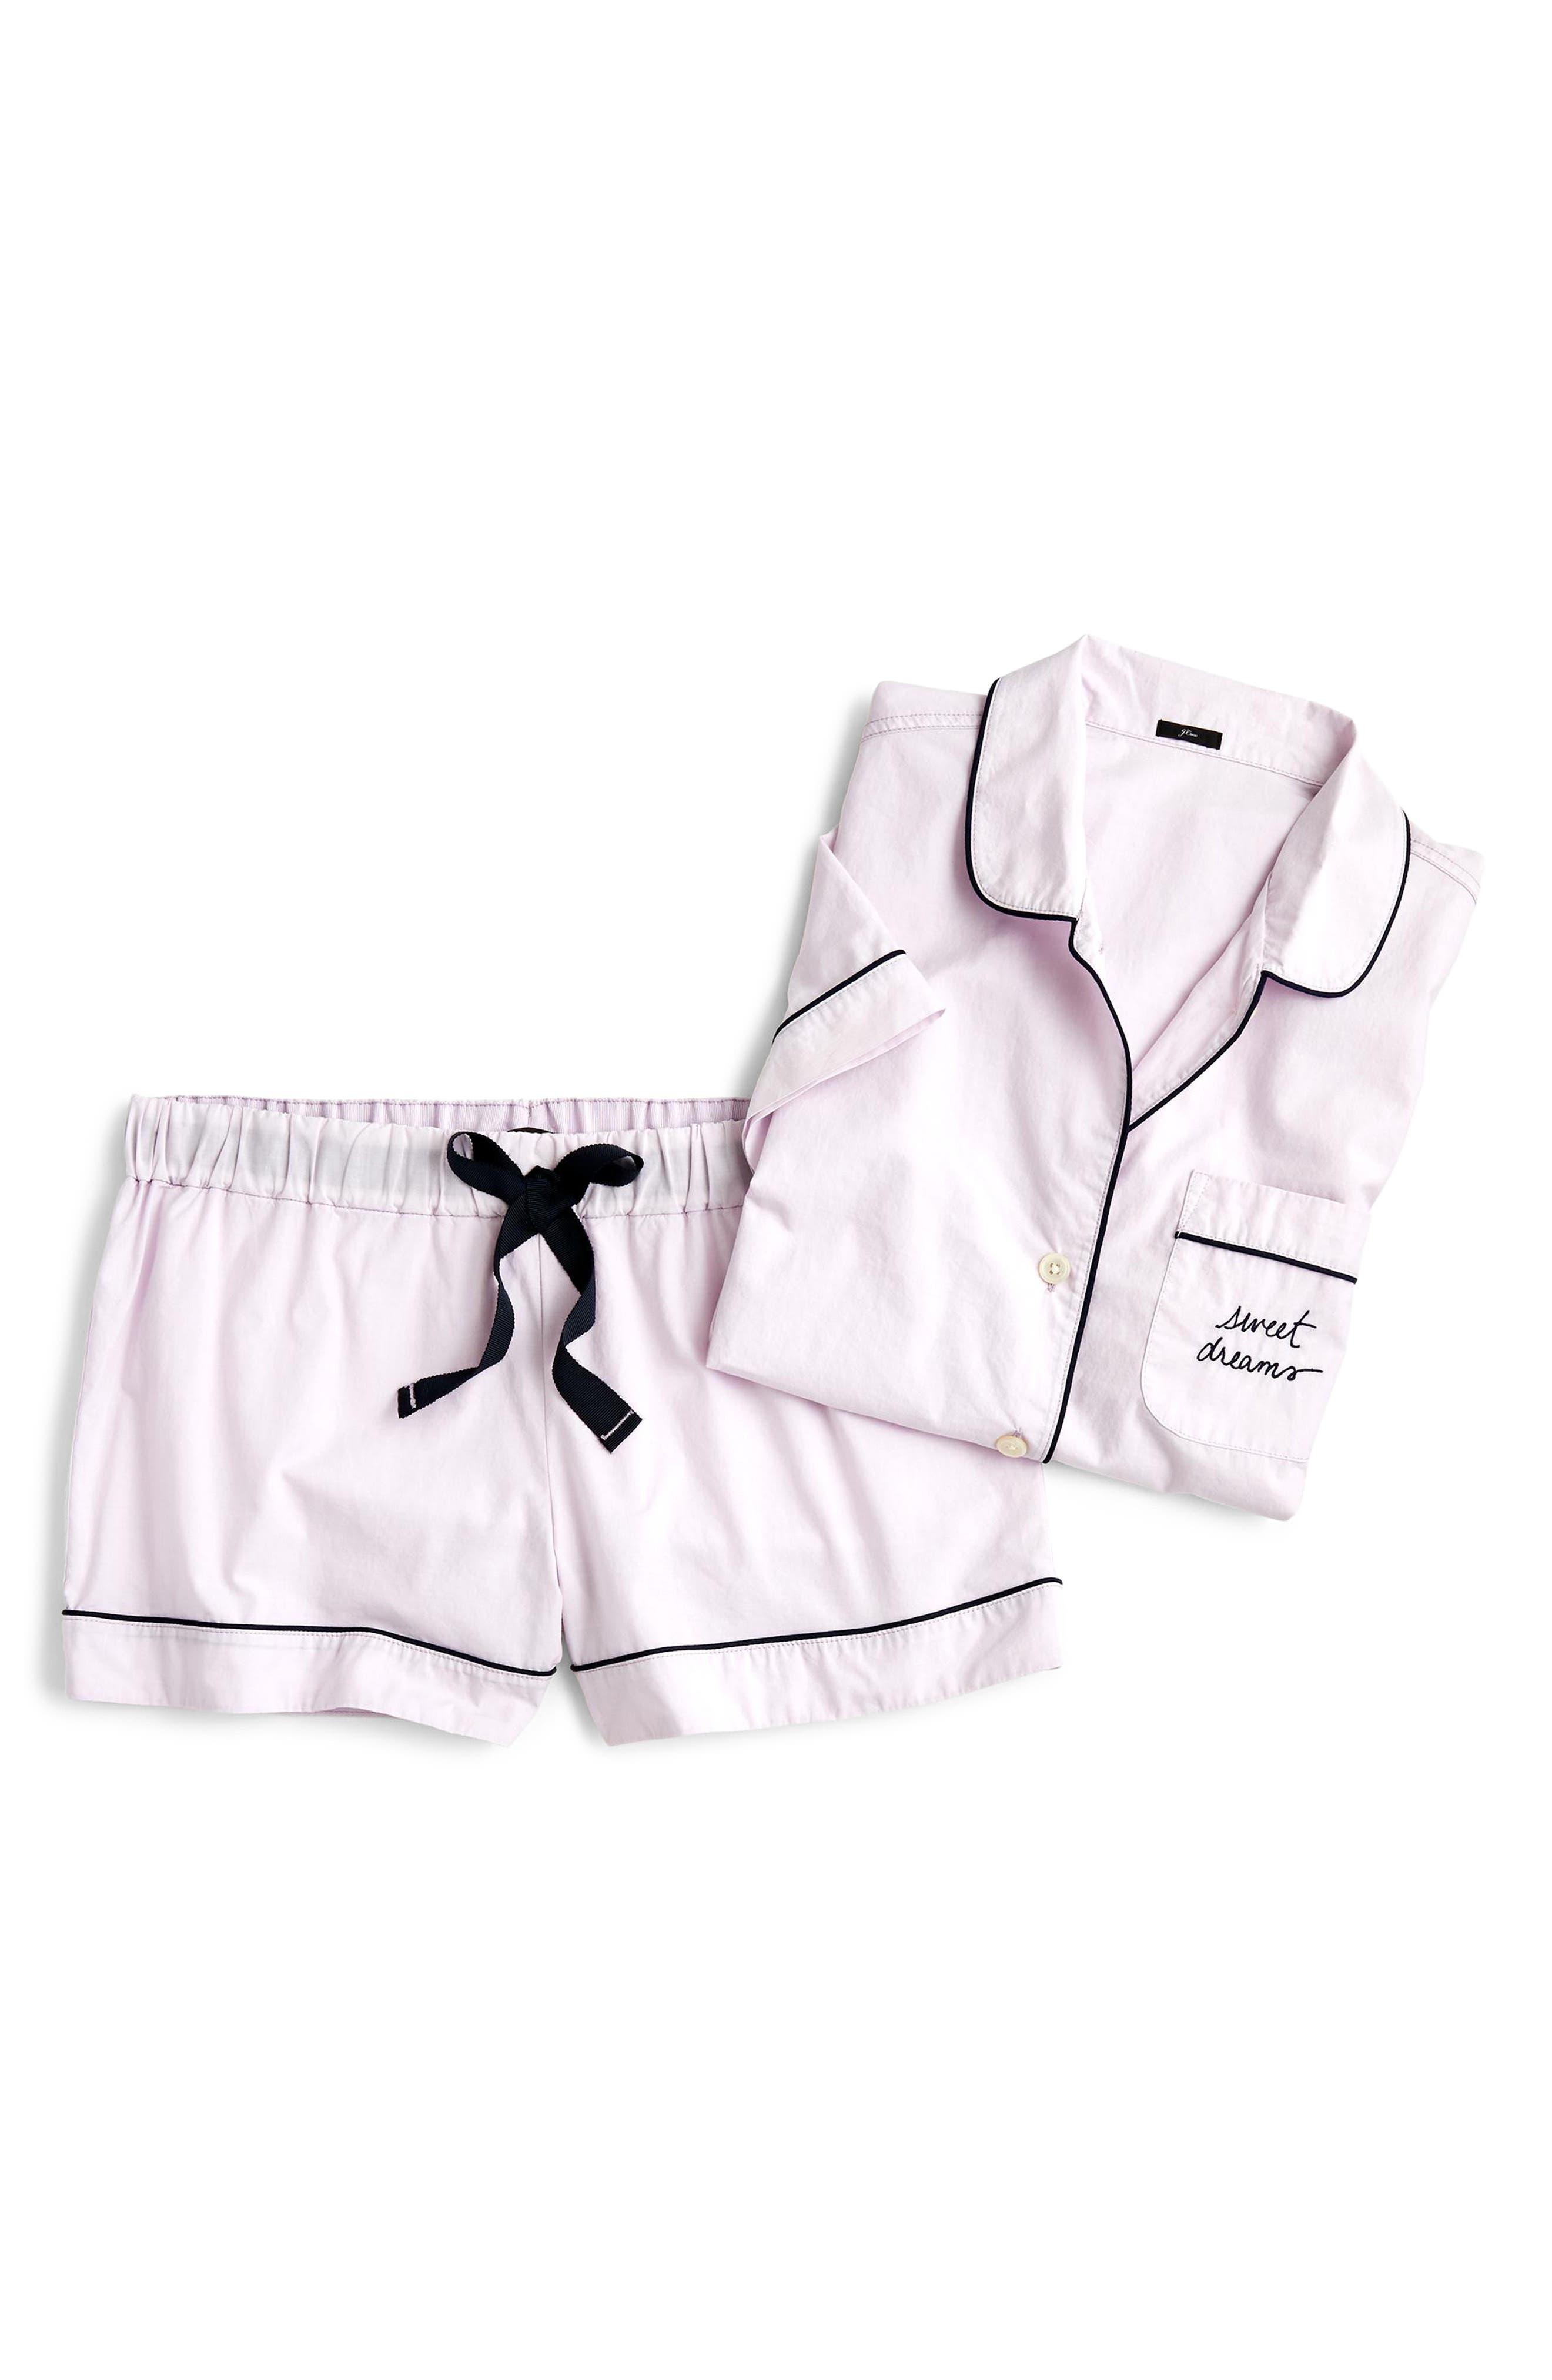 Sweet Dreams Short Pajamas,                         Main,                         color, SMOKY WISTERIA